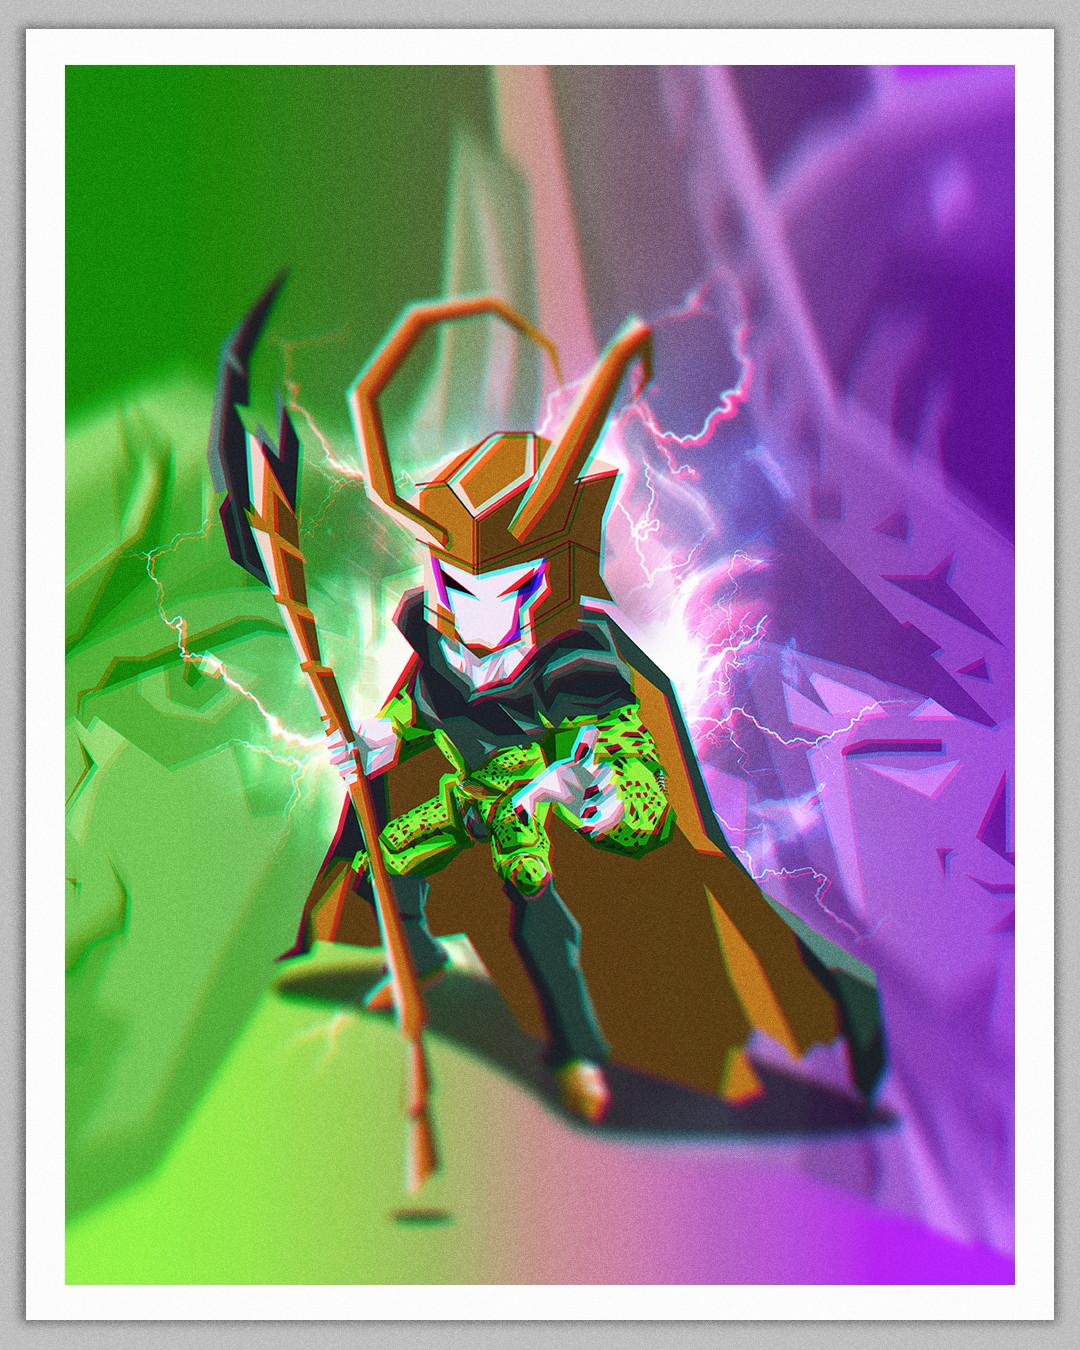 Cell x Loki